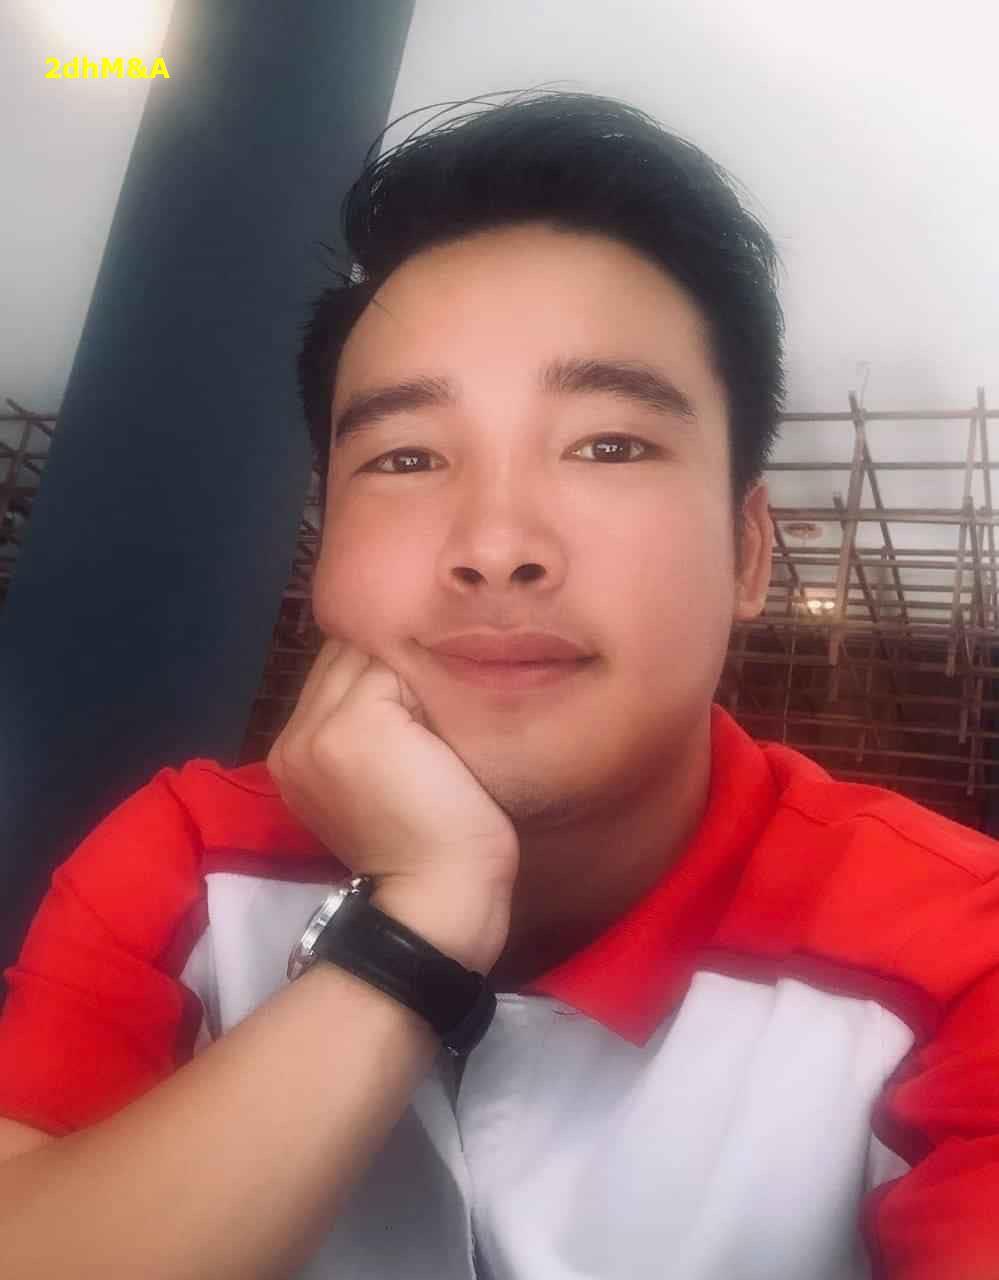 Anh Lưu Đình Hoàn | Chuẩn Chuyên Nghiệp | Chuyên cao ốc Q1, Q3, Tân Bình